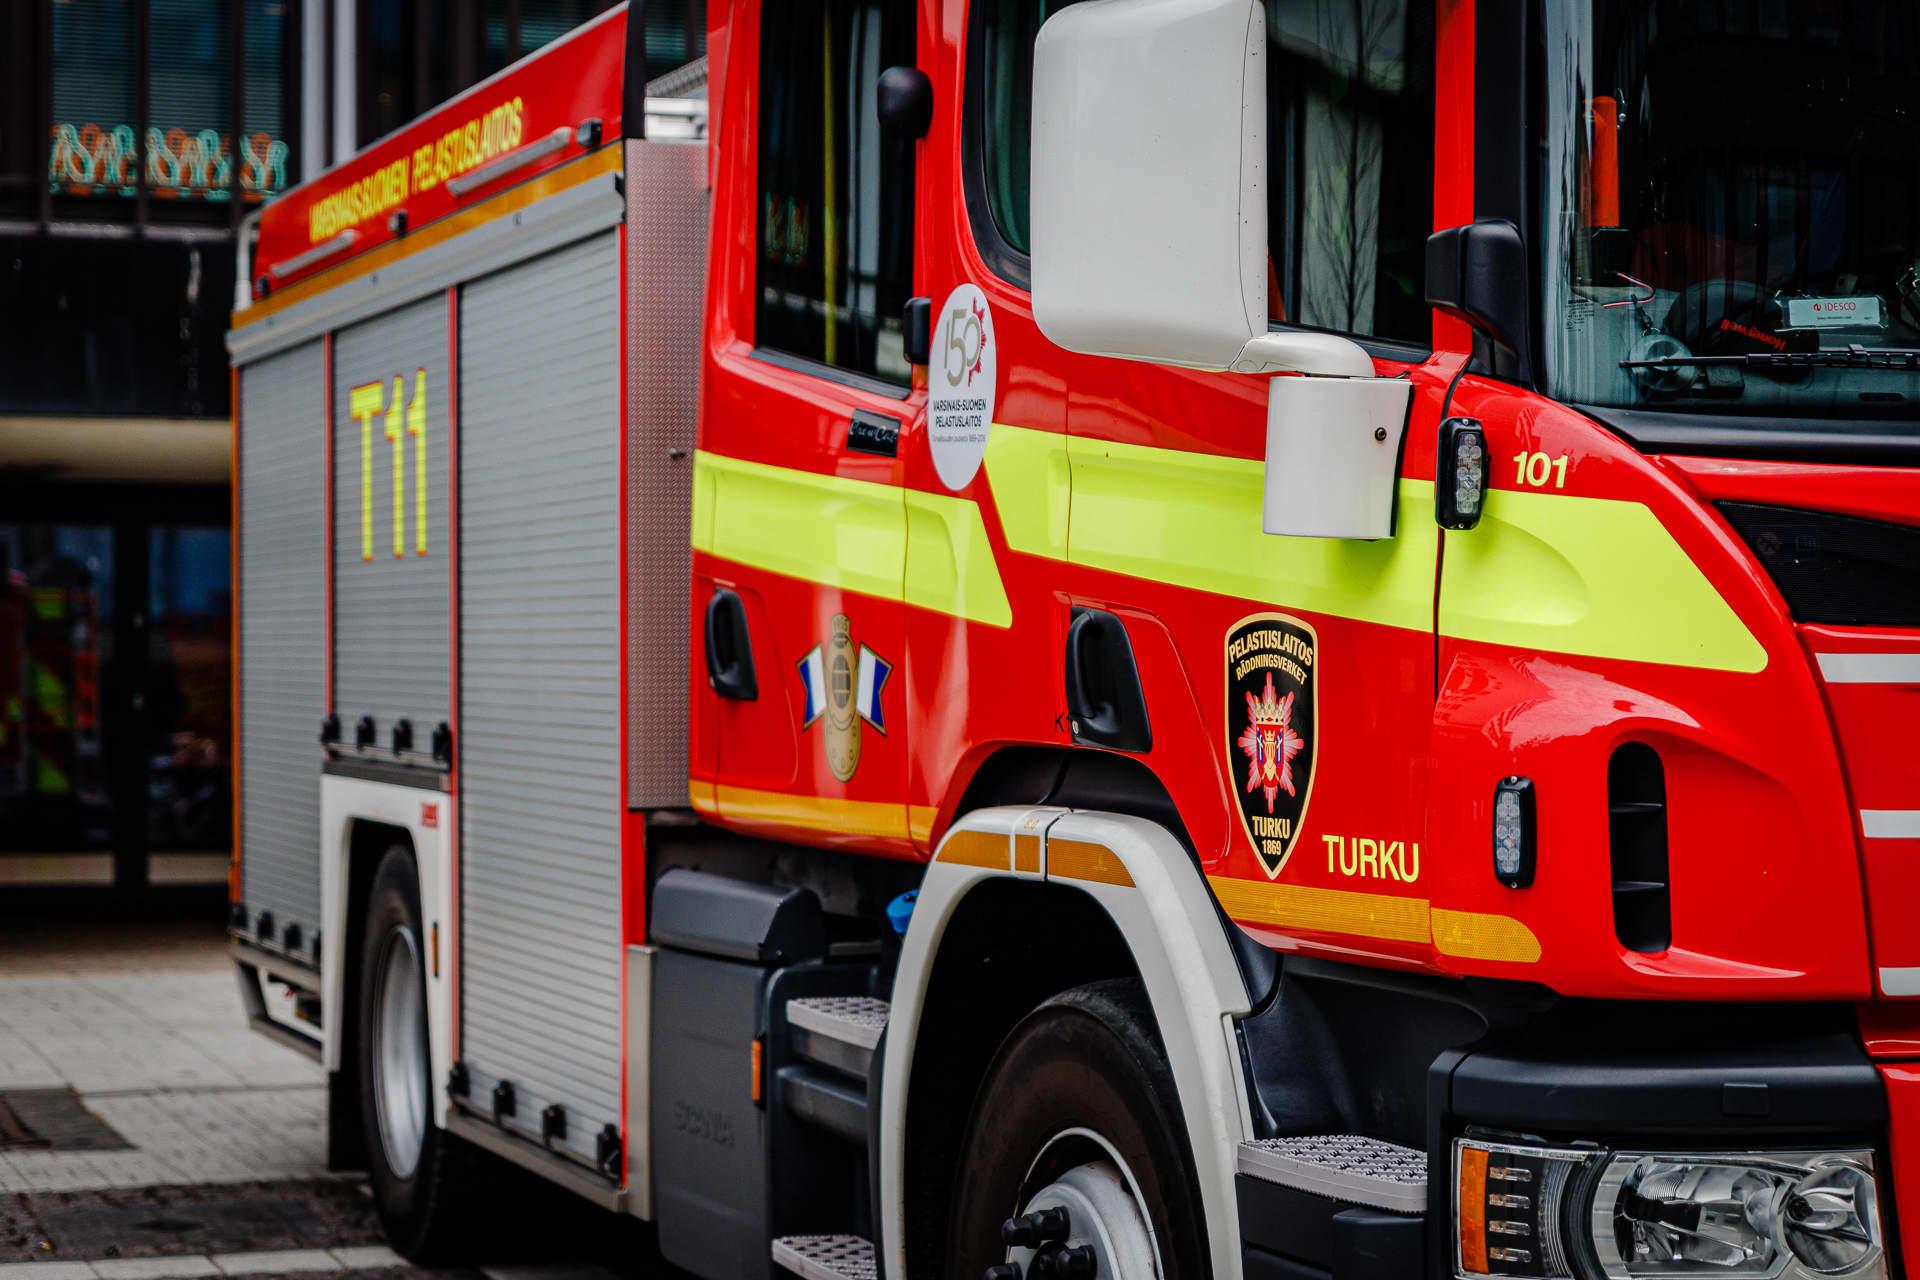 Varsinais-suomen pelastuslaitoksen paloauto